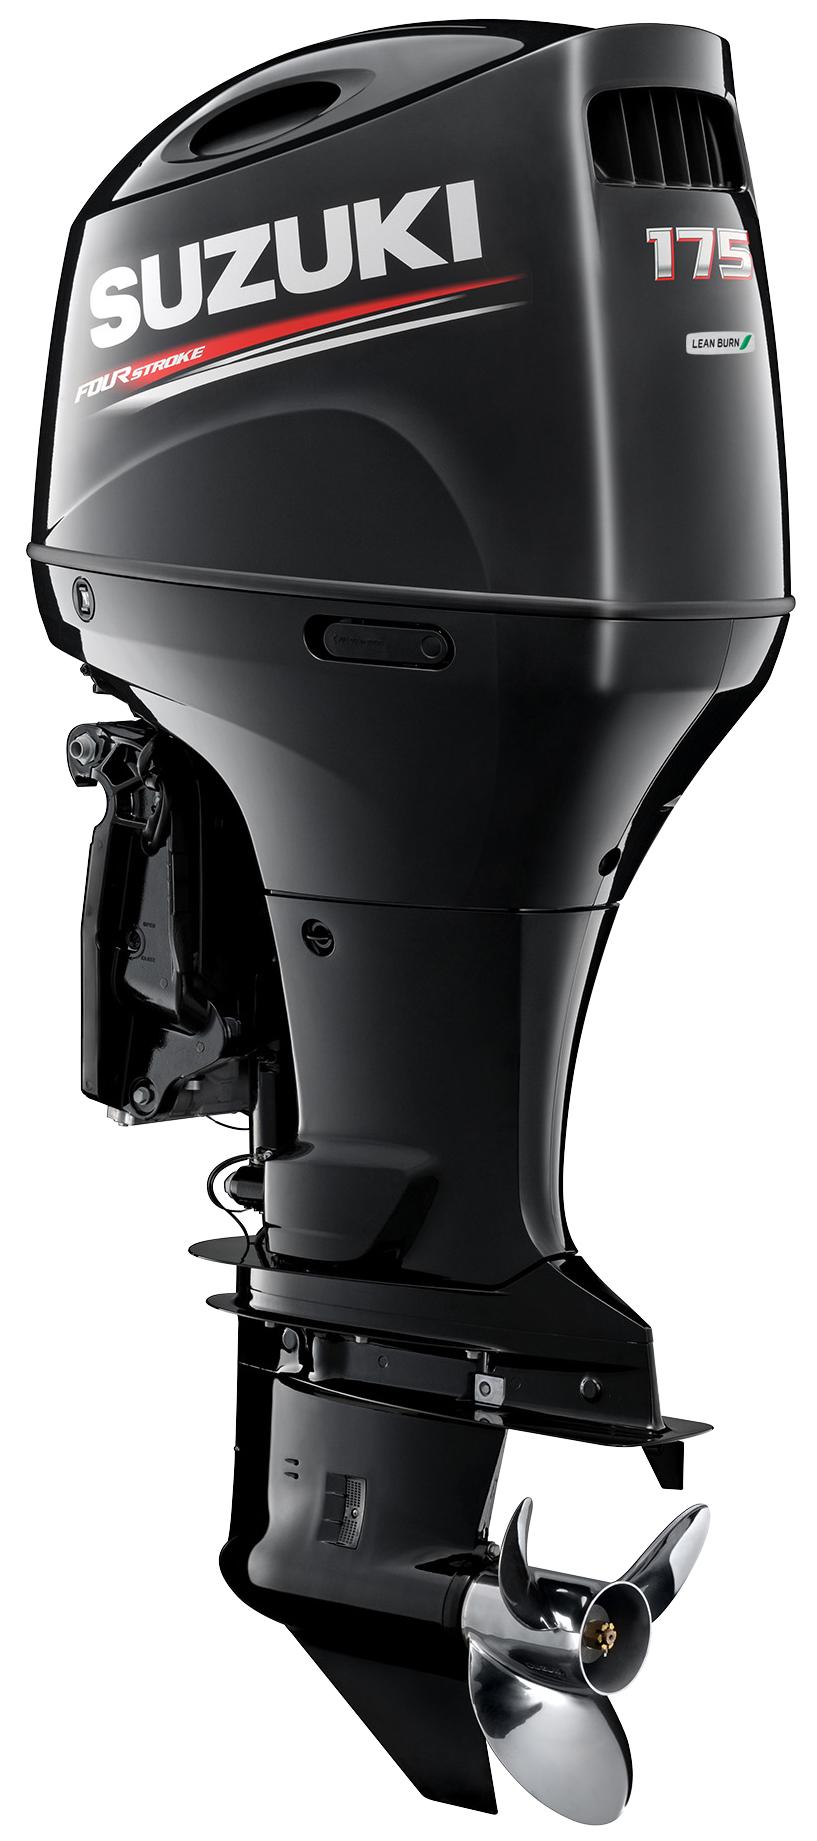 Suzuki Marine DF175A